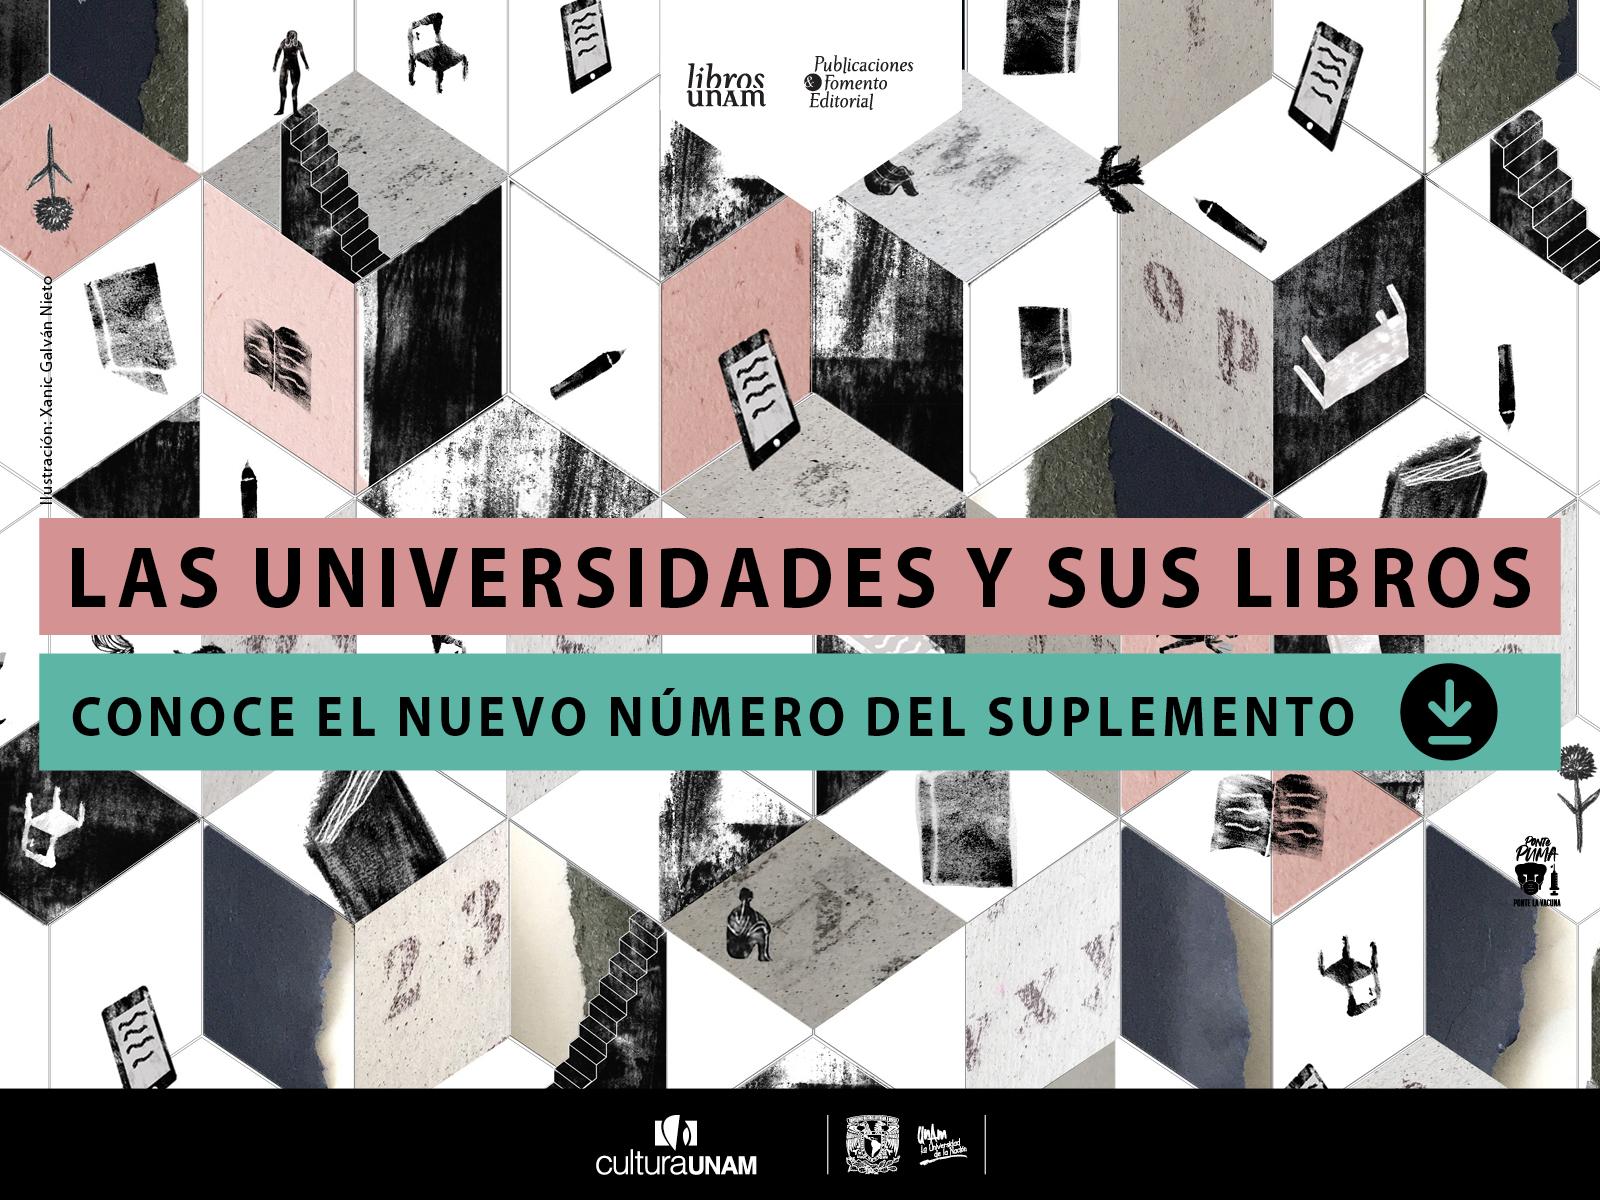 Suplemento de octubre Libros UNAM, Las Universidades y sus libros